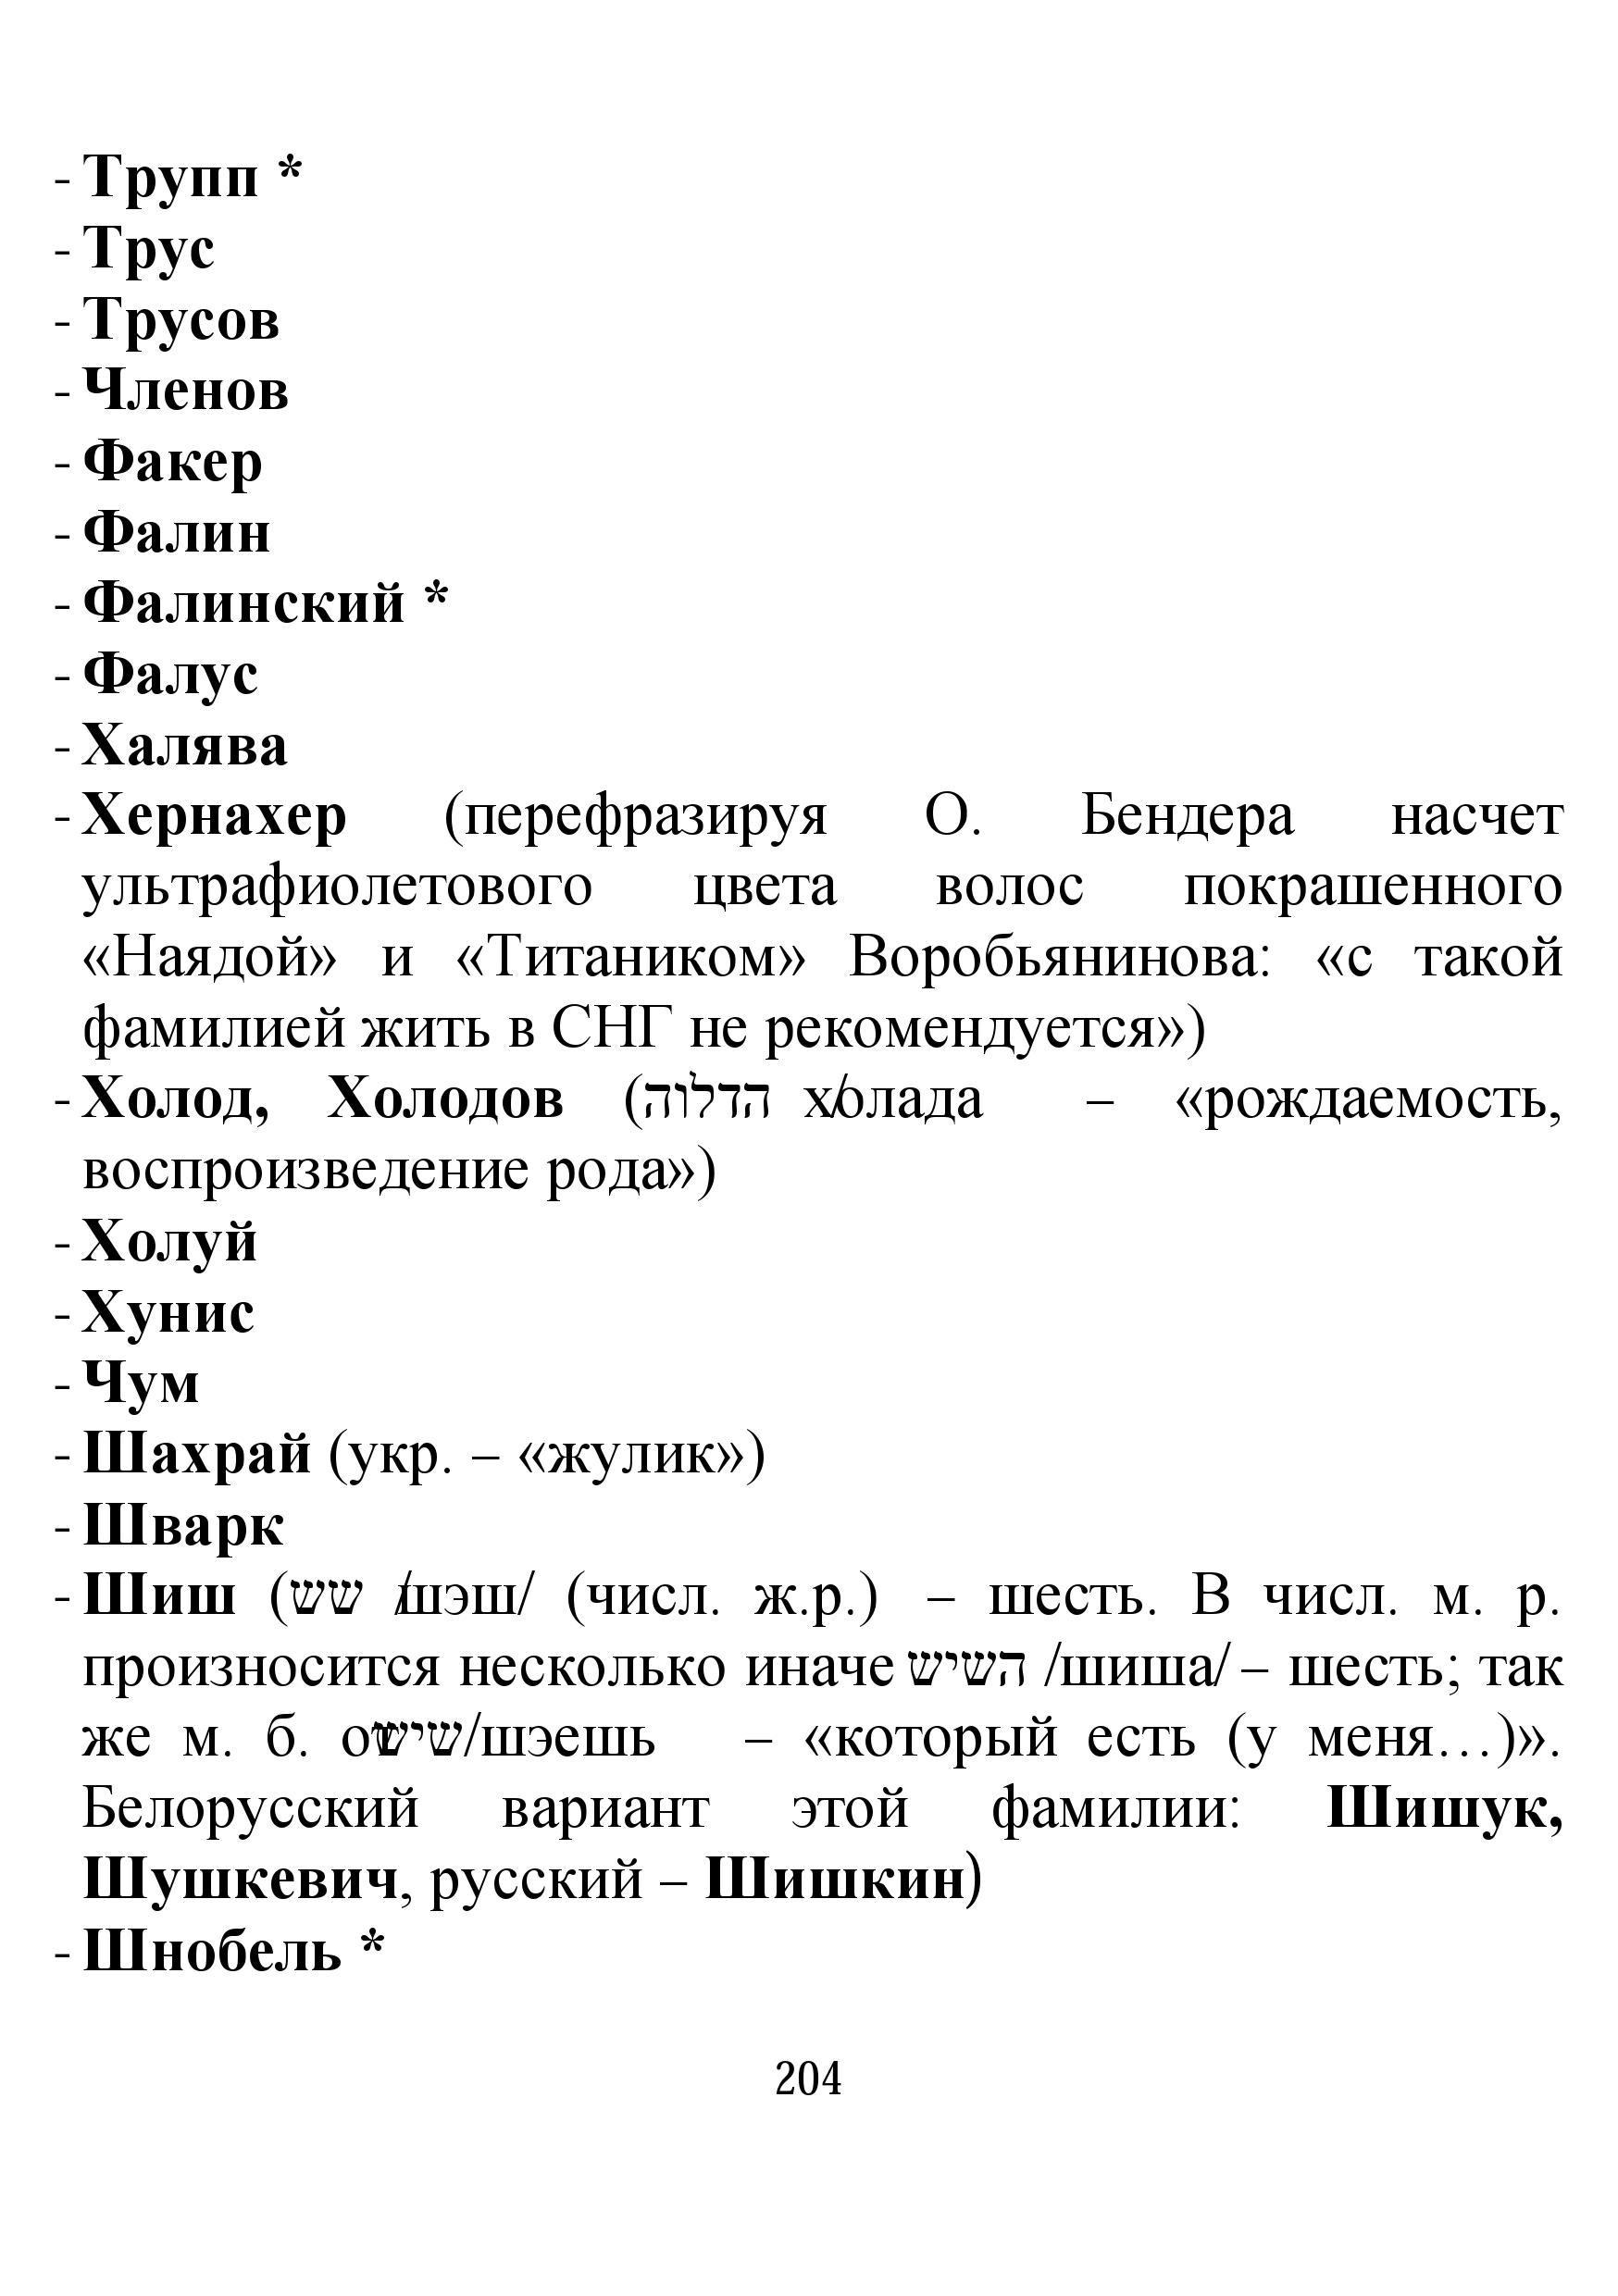 http://s0.uploads.ru/2CSqt.jpg